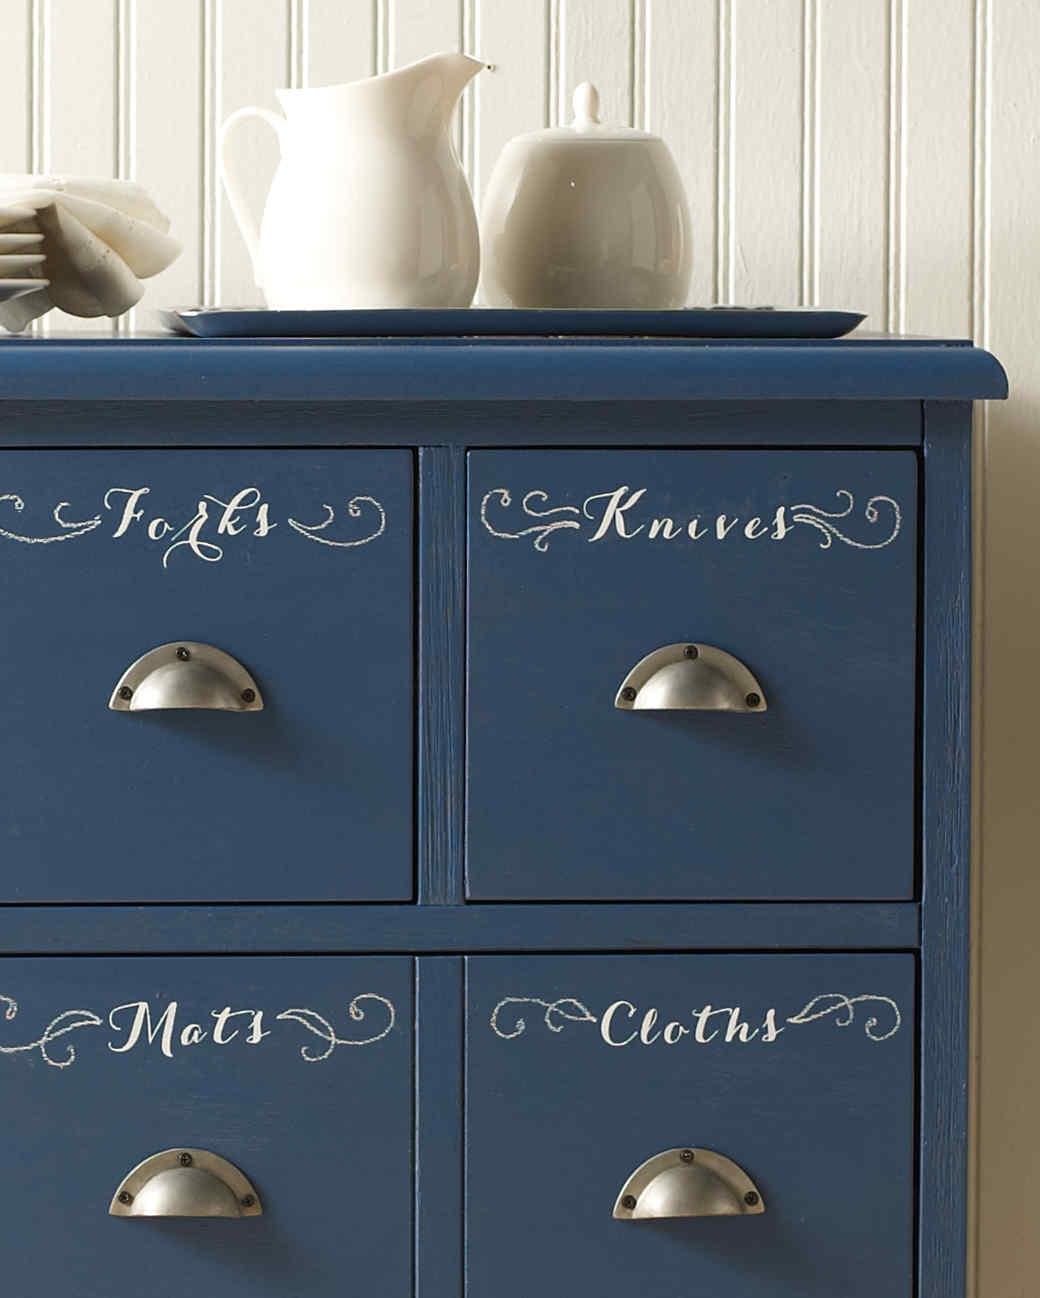 Chalkboard Paint Tableware Dresser & Chalkboard Paint Tableware Dresser | Martha Stewart